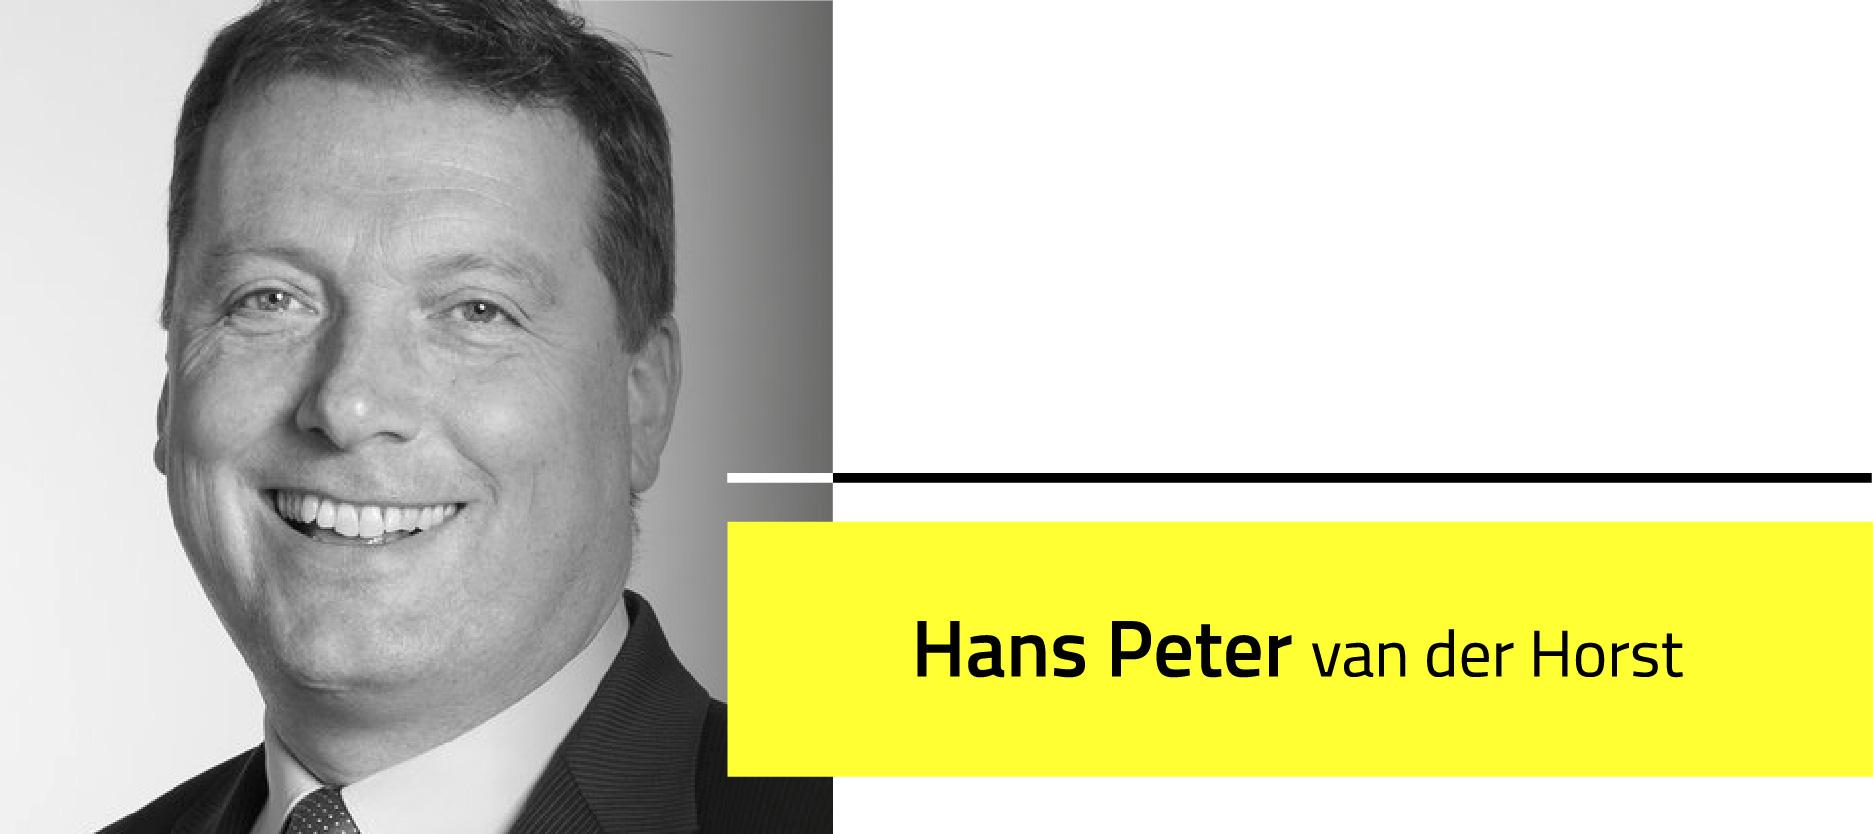 We welcome Hans Peter van der Horst at Trustmoore